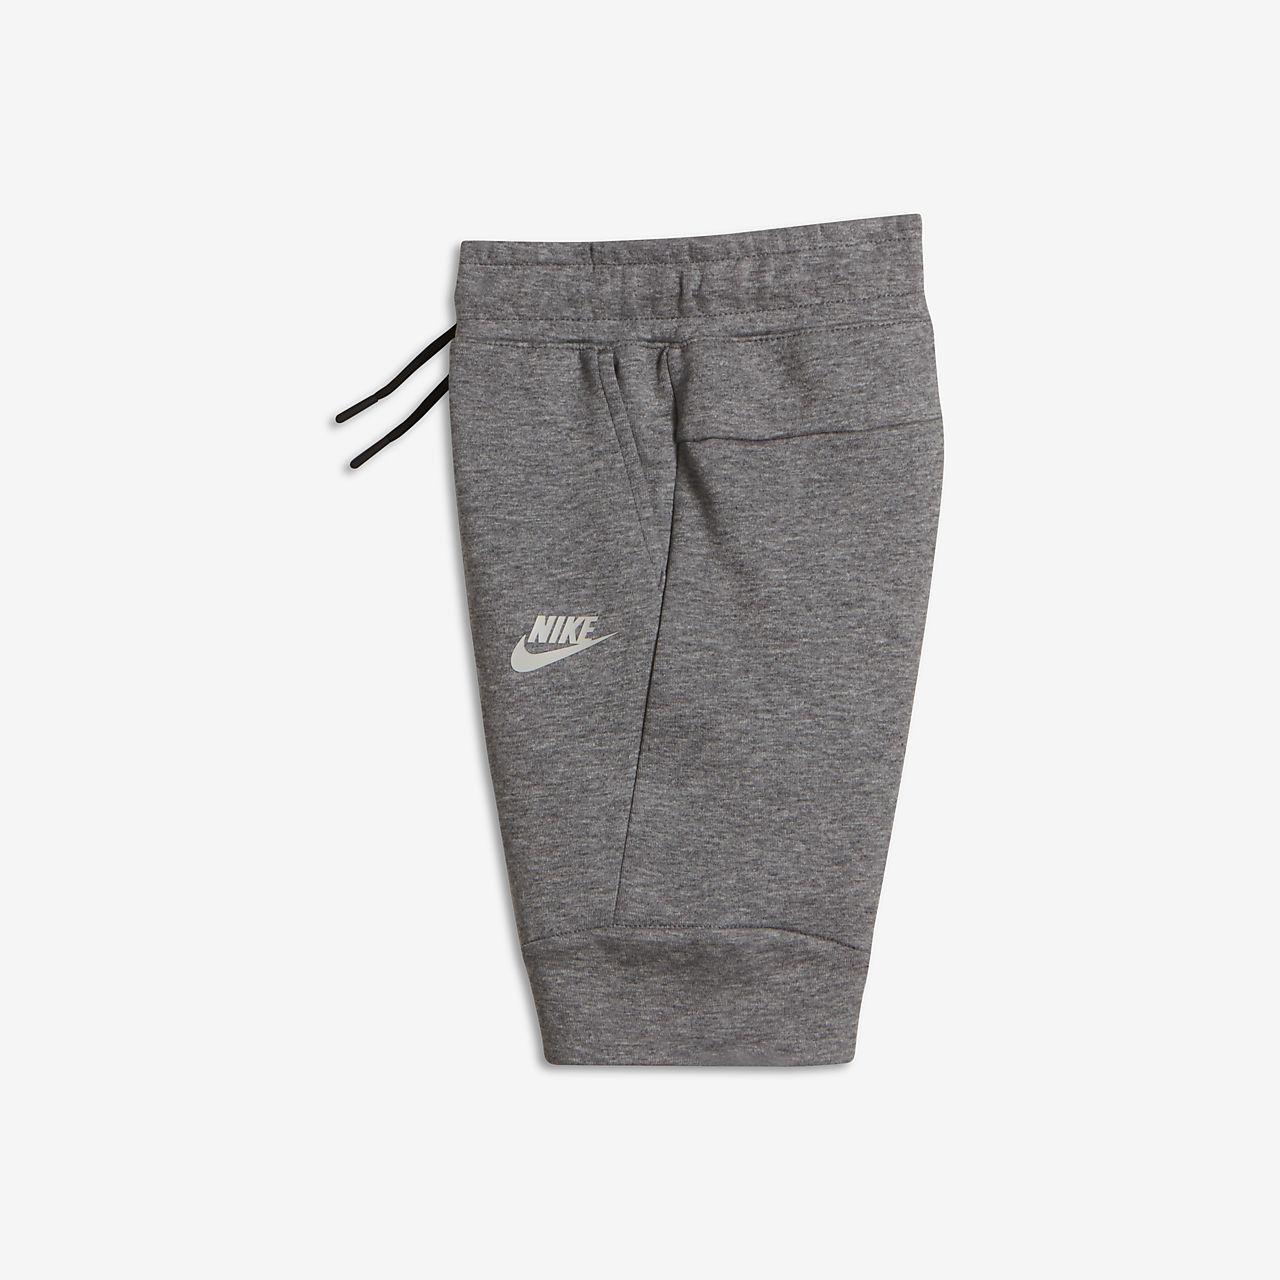 Nike Tech Fleece 幼童短裤